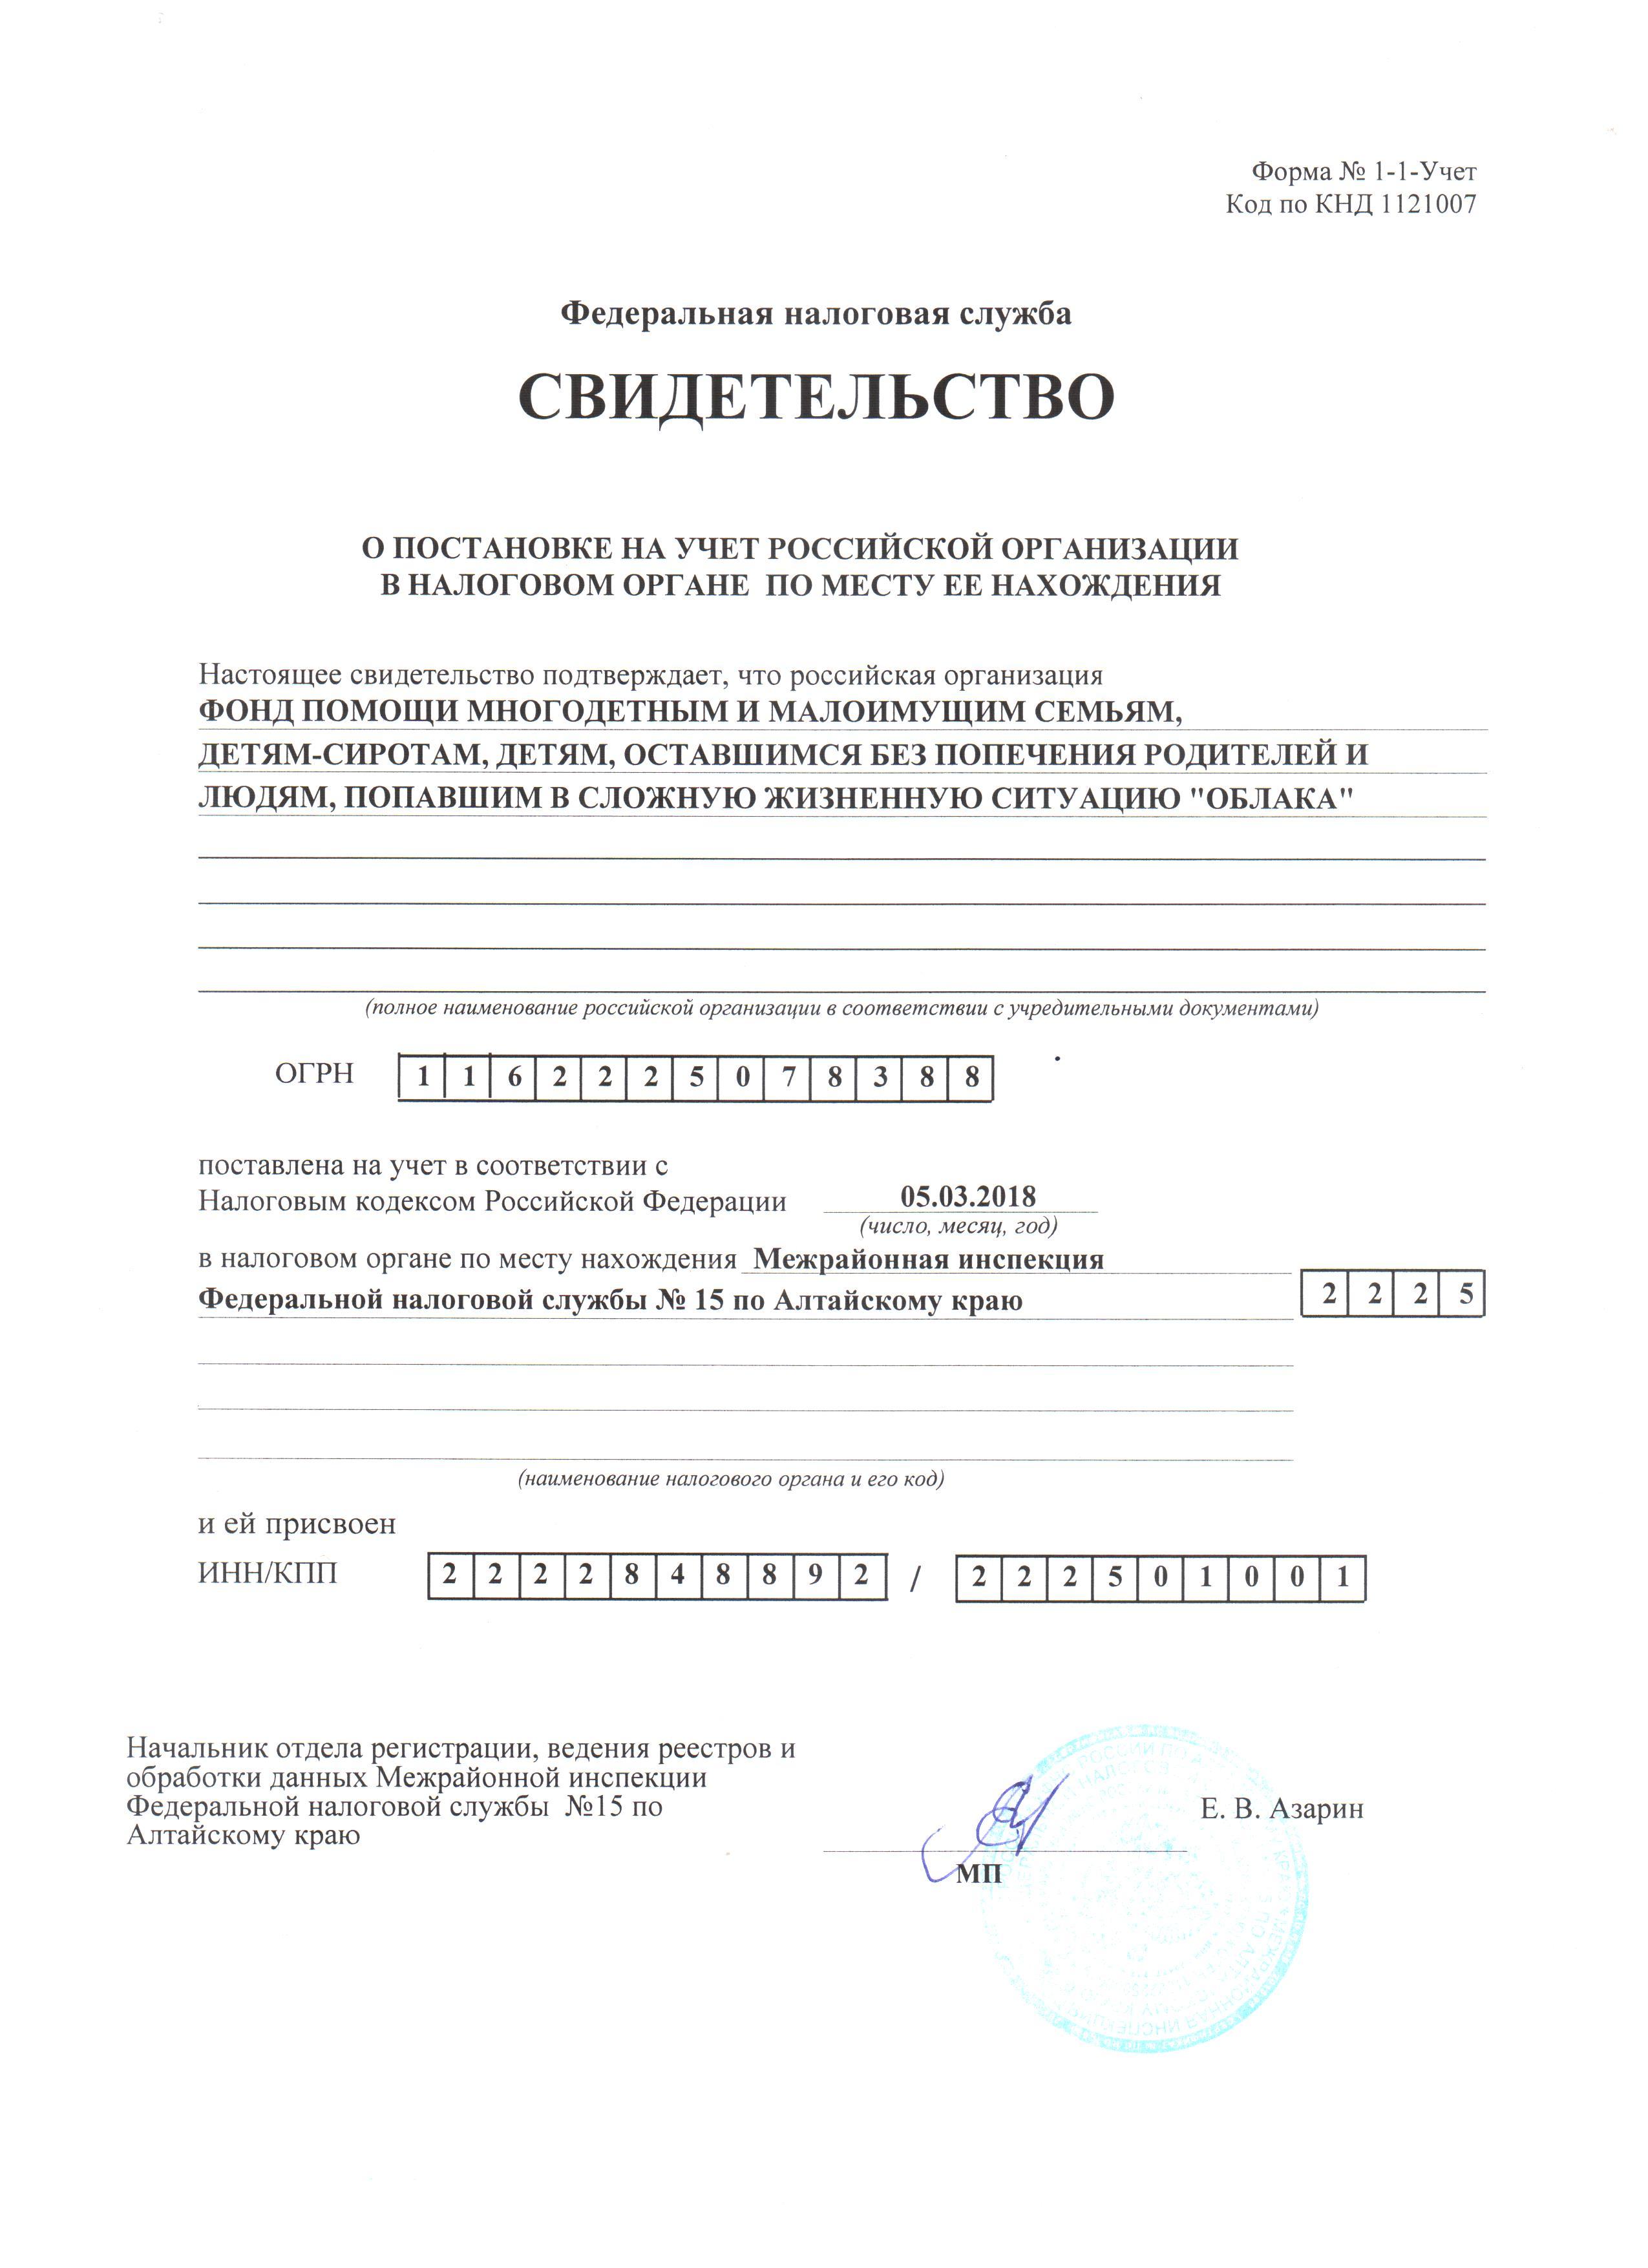 свидетельство о постановке на учет в ИФНС№15